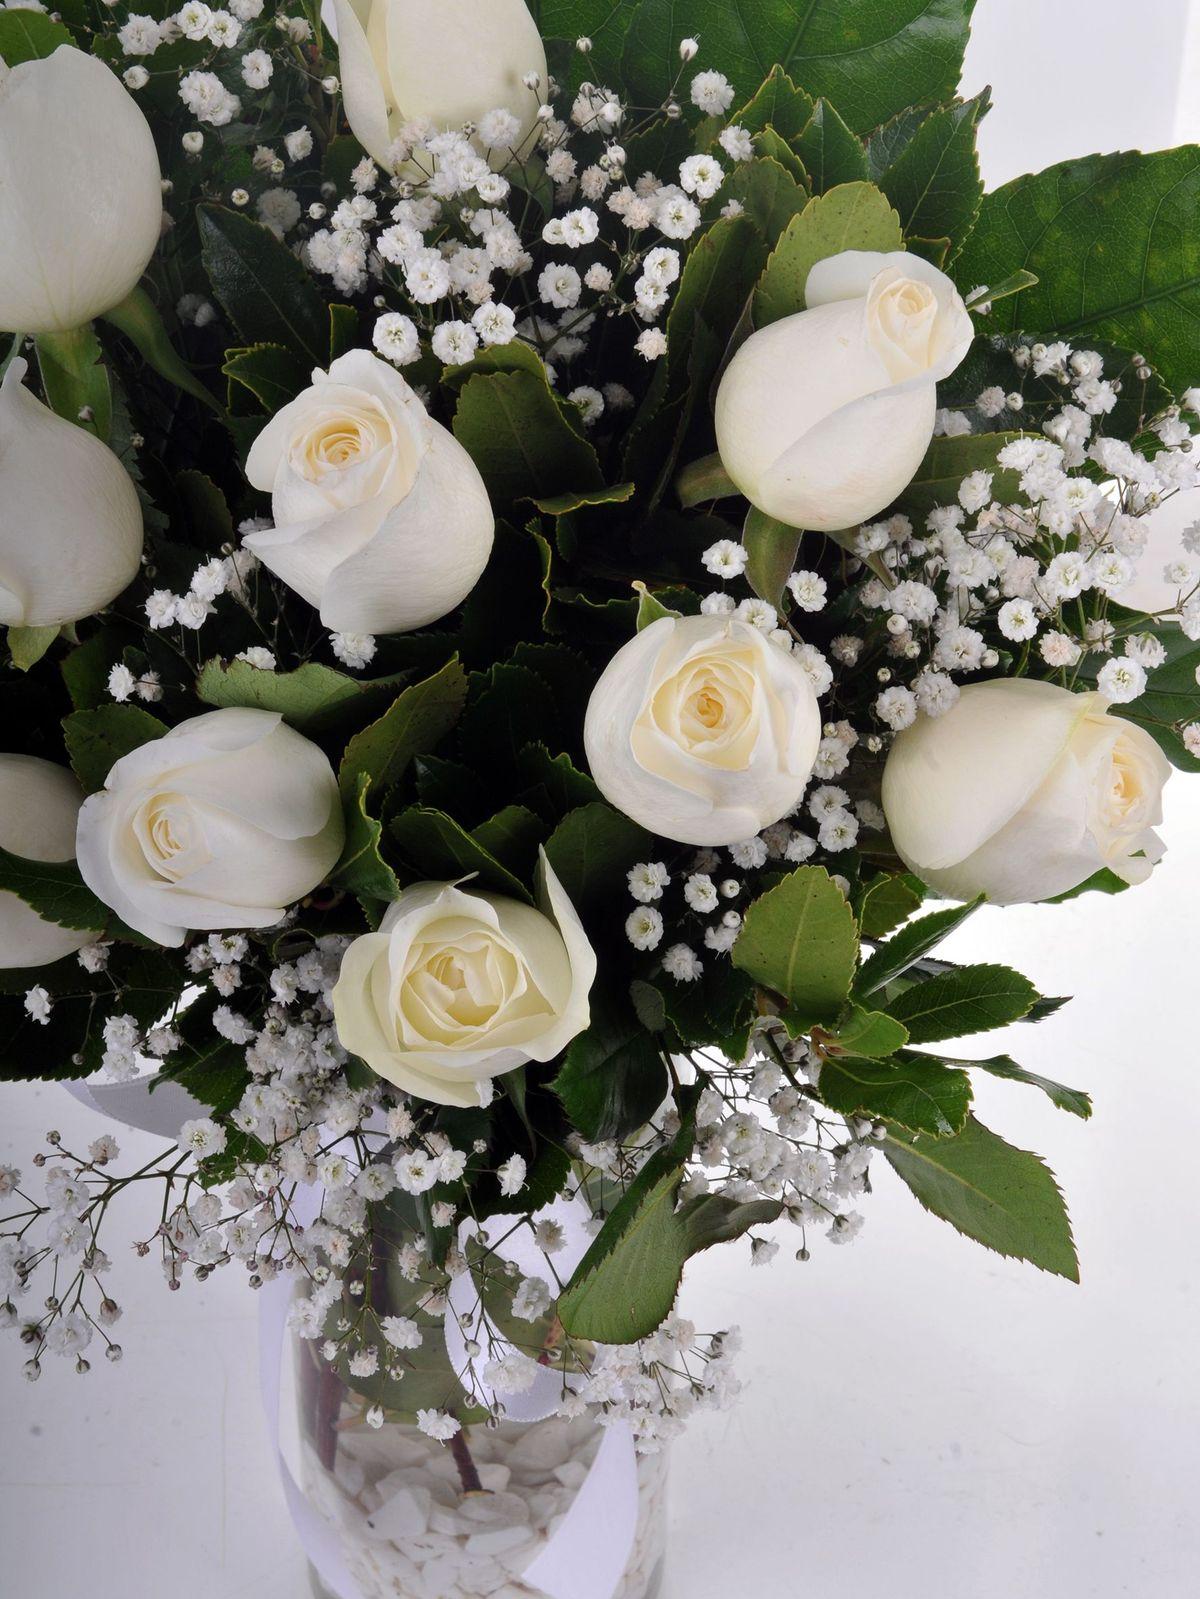 Kar Beyazı 11 Beyaz Gül Arajmanı Aranjmanlar çiçek gönder